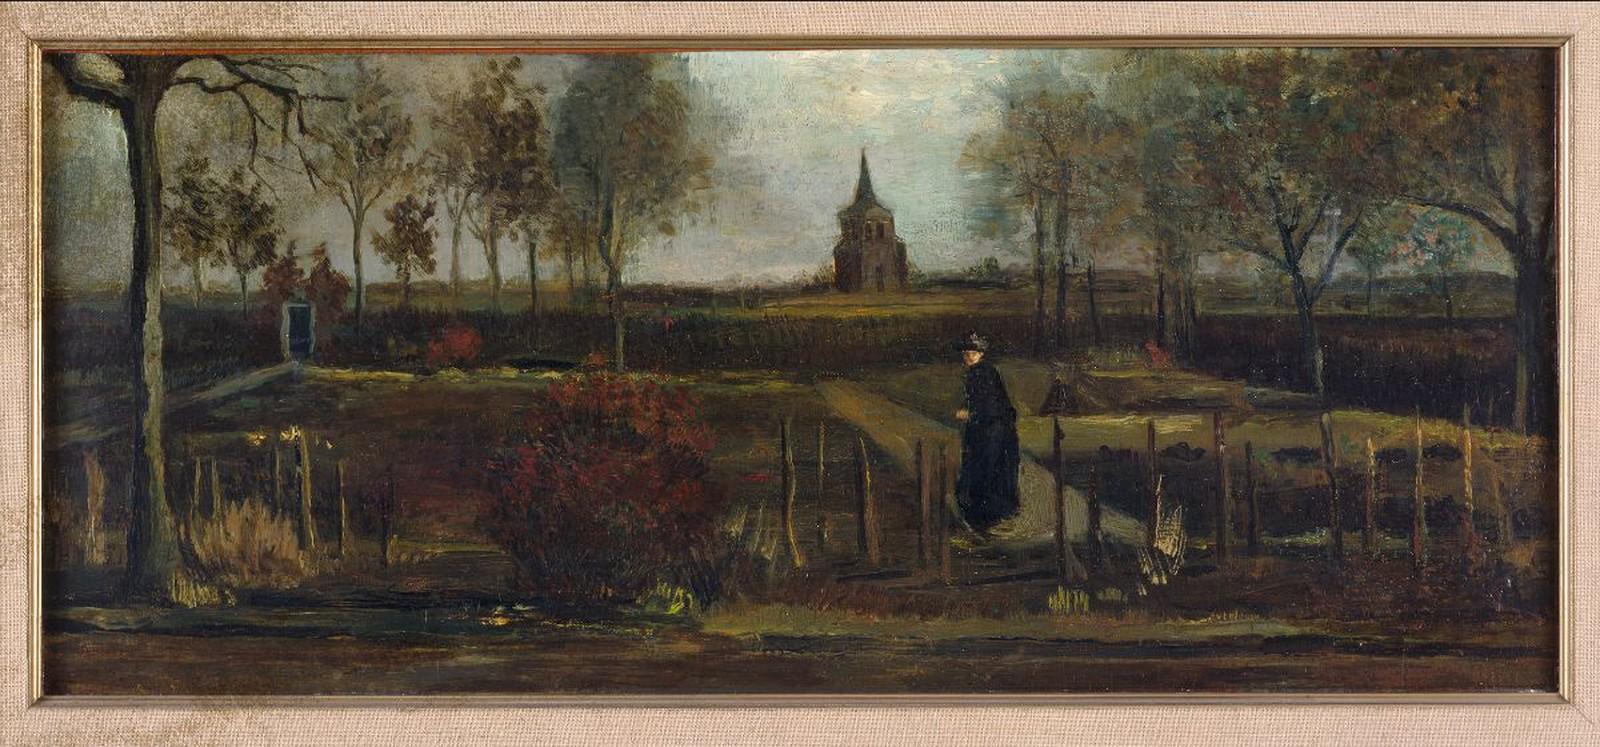 No dia do aniversário de Van Gogh, obra do artista é roubada em museu na Holanda